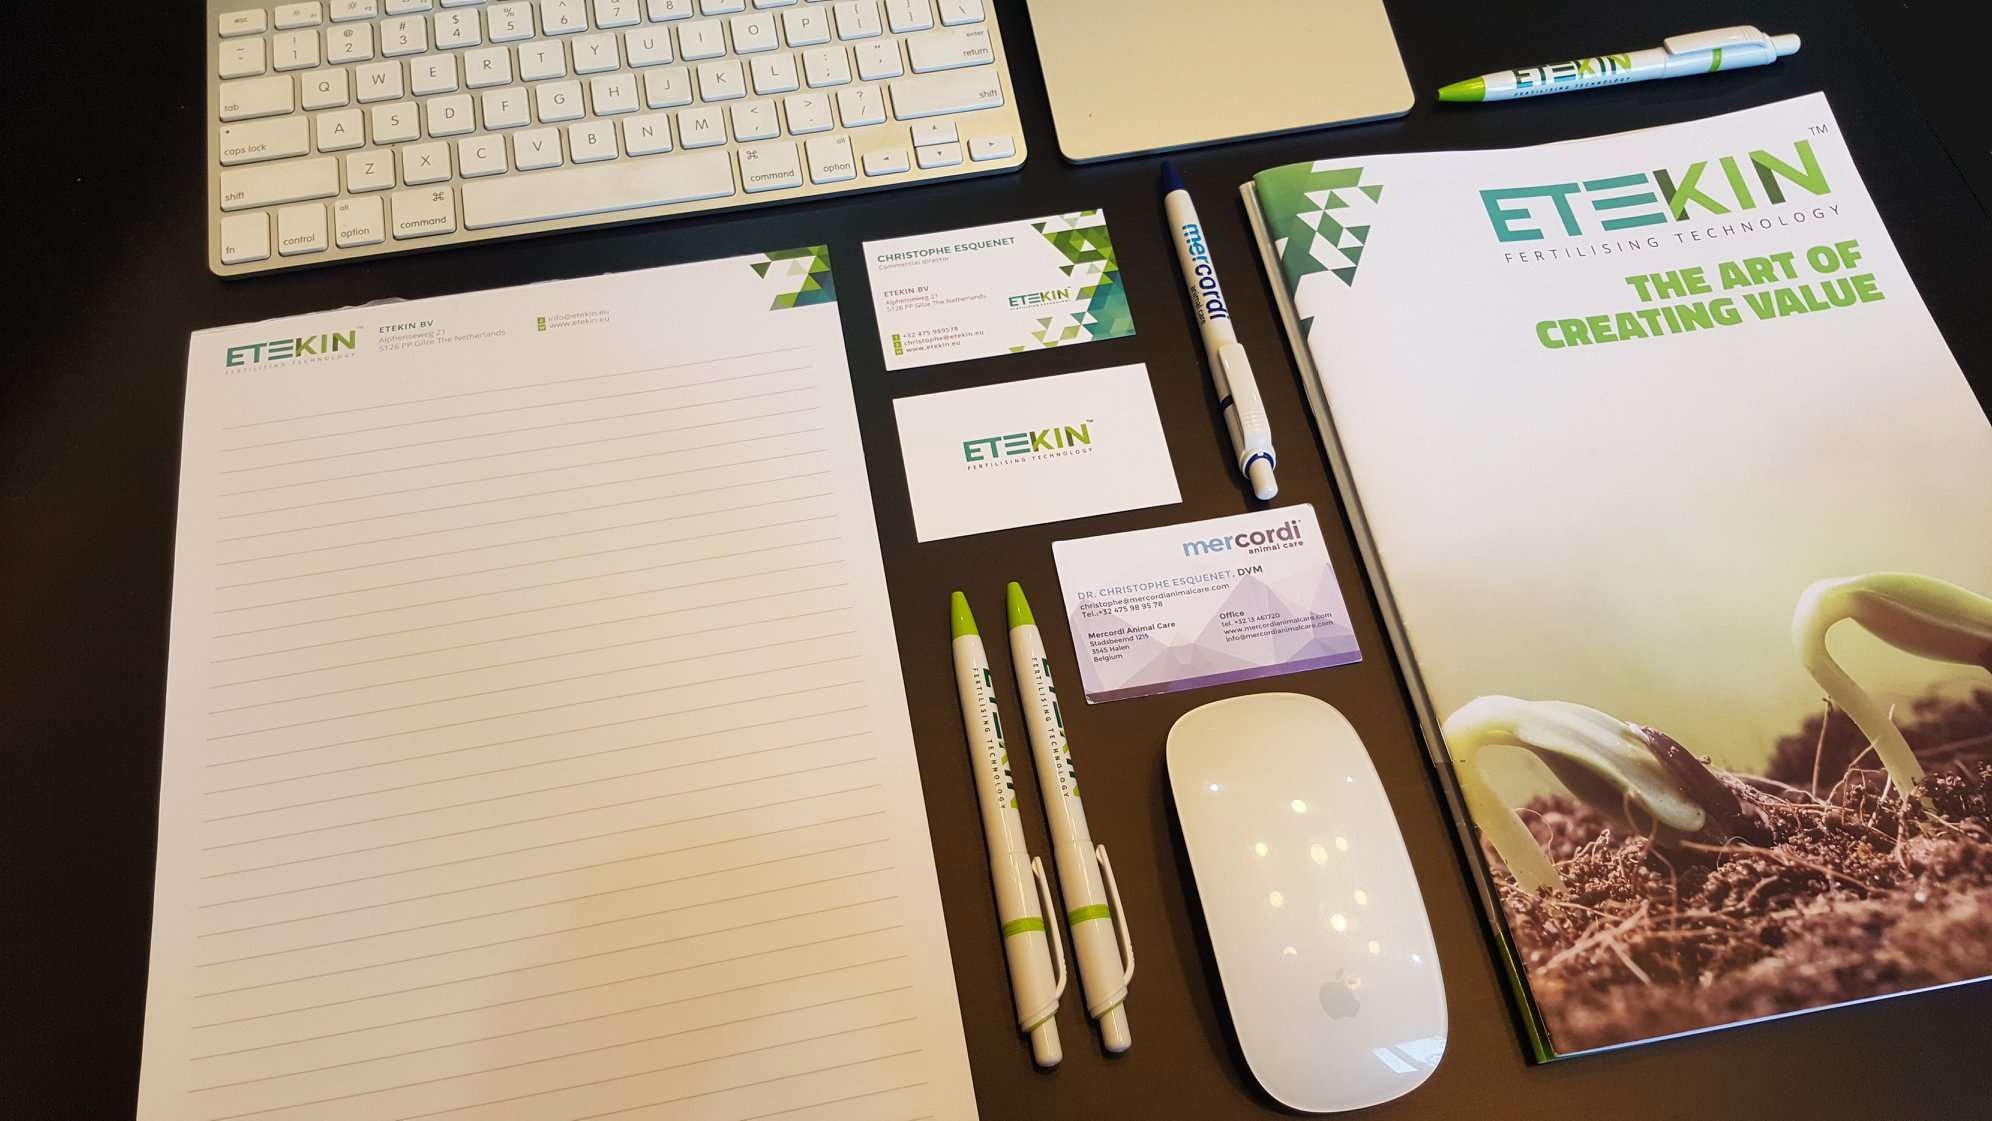 KOS Design - Etekin 2